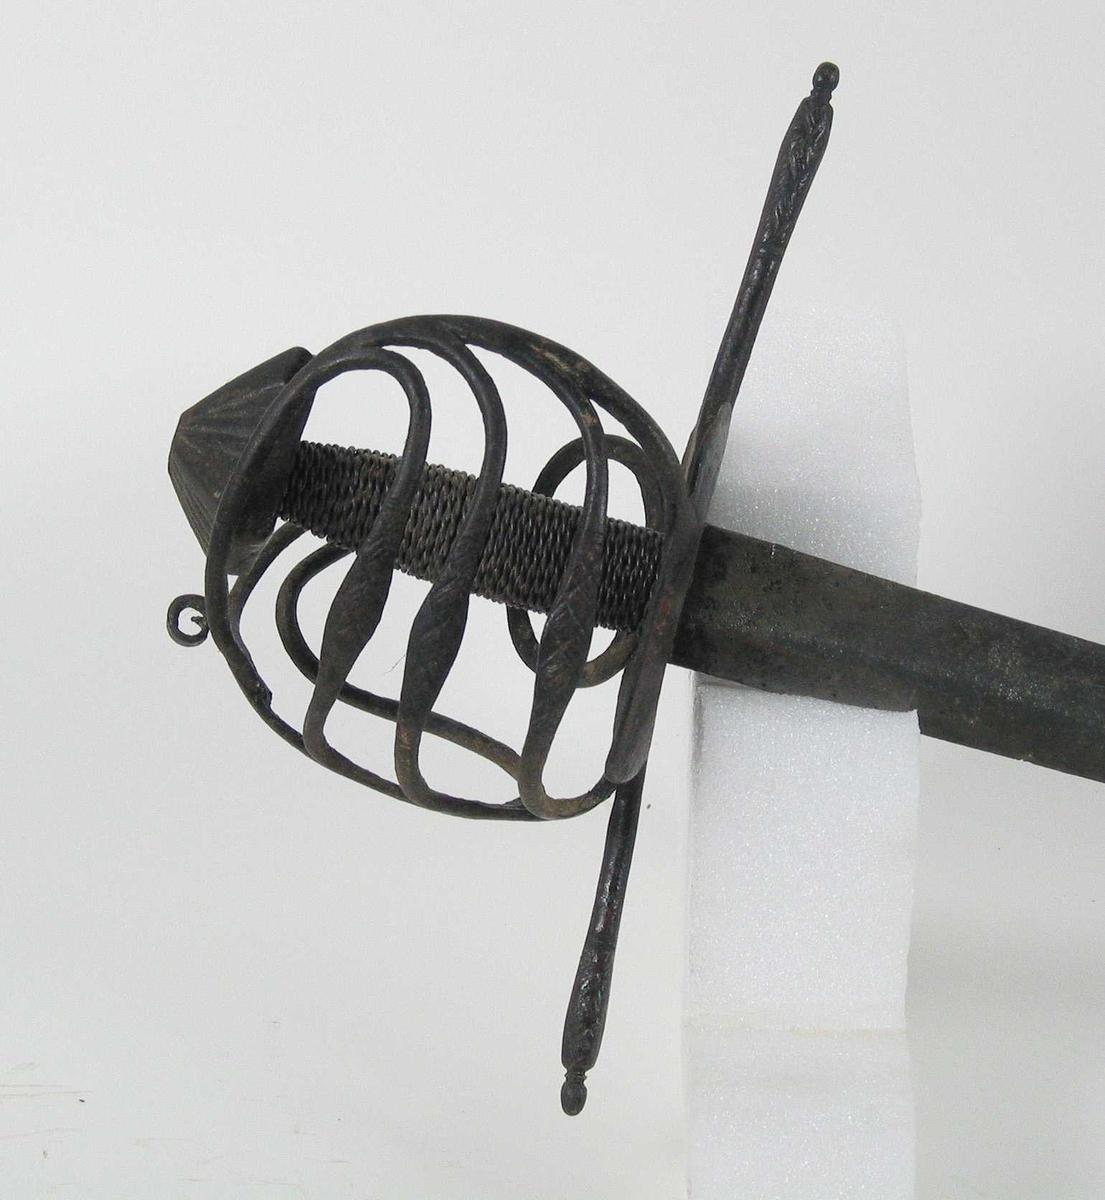 Pyremideformet knapp med strekdekor. Asymmetrisk kurvfeste med tre sidebøyler med riflede fortykkelser på midten mellom håndbøylen og kurvens ytterkant. Innsiden har to sidebøyler. Kurvens basis består av rektangulær parérplater på begge sider. Rette parérstenger med riflede fortykkelser på endene. Tregrep med jerntrådvikling. Enegget svakt krum klinge med bred blodrand ryggslipt mot spissen. Smedmerker på innsiden.